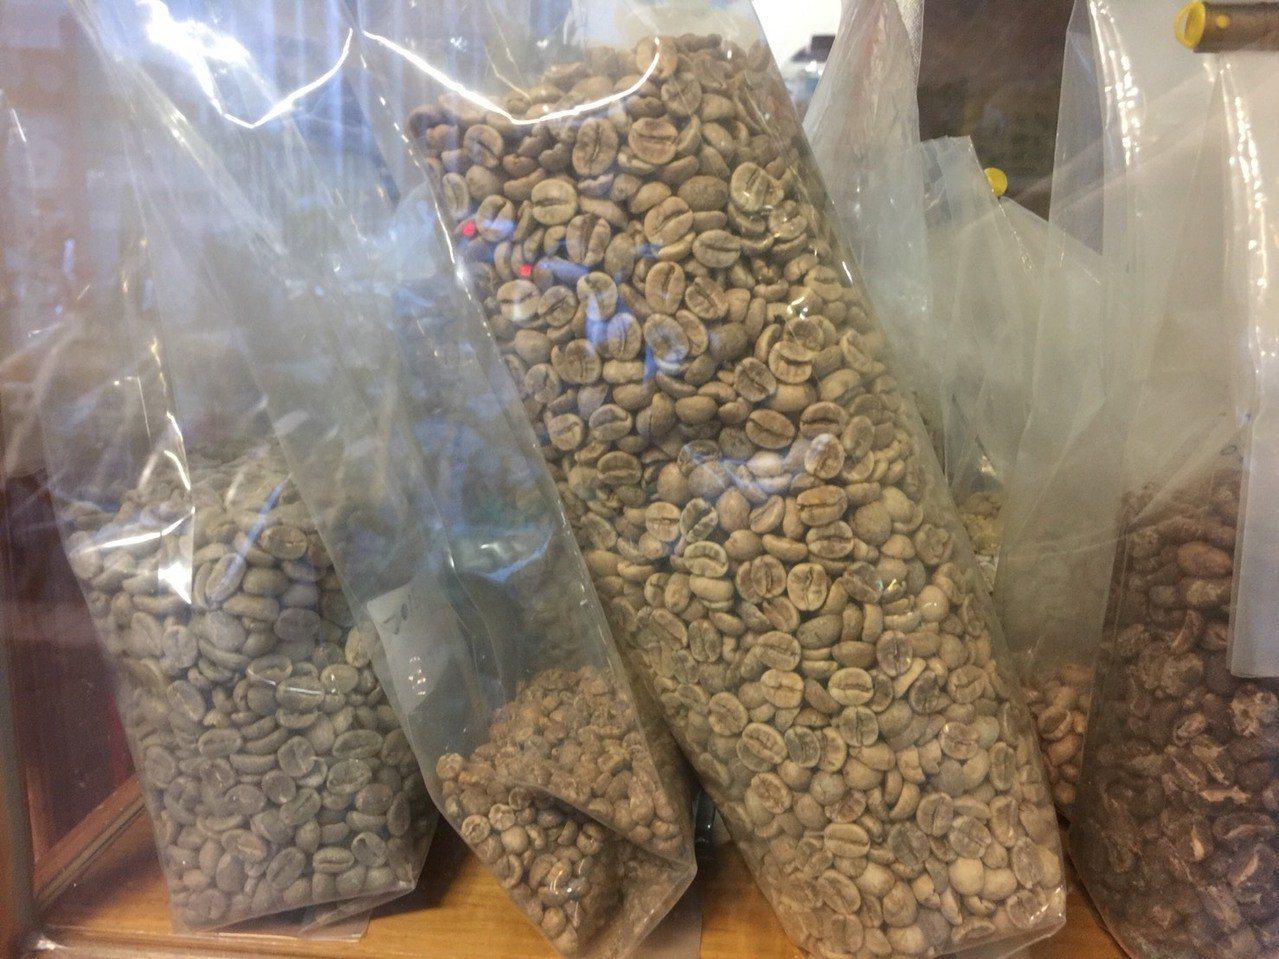 未烘焙過的咖啡原豆,呈現墨綠色,被稱為綠咖啡。圖中咖啡豆為咖啡生豆。記者陳雨鑫/...